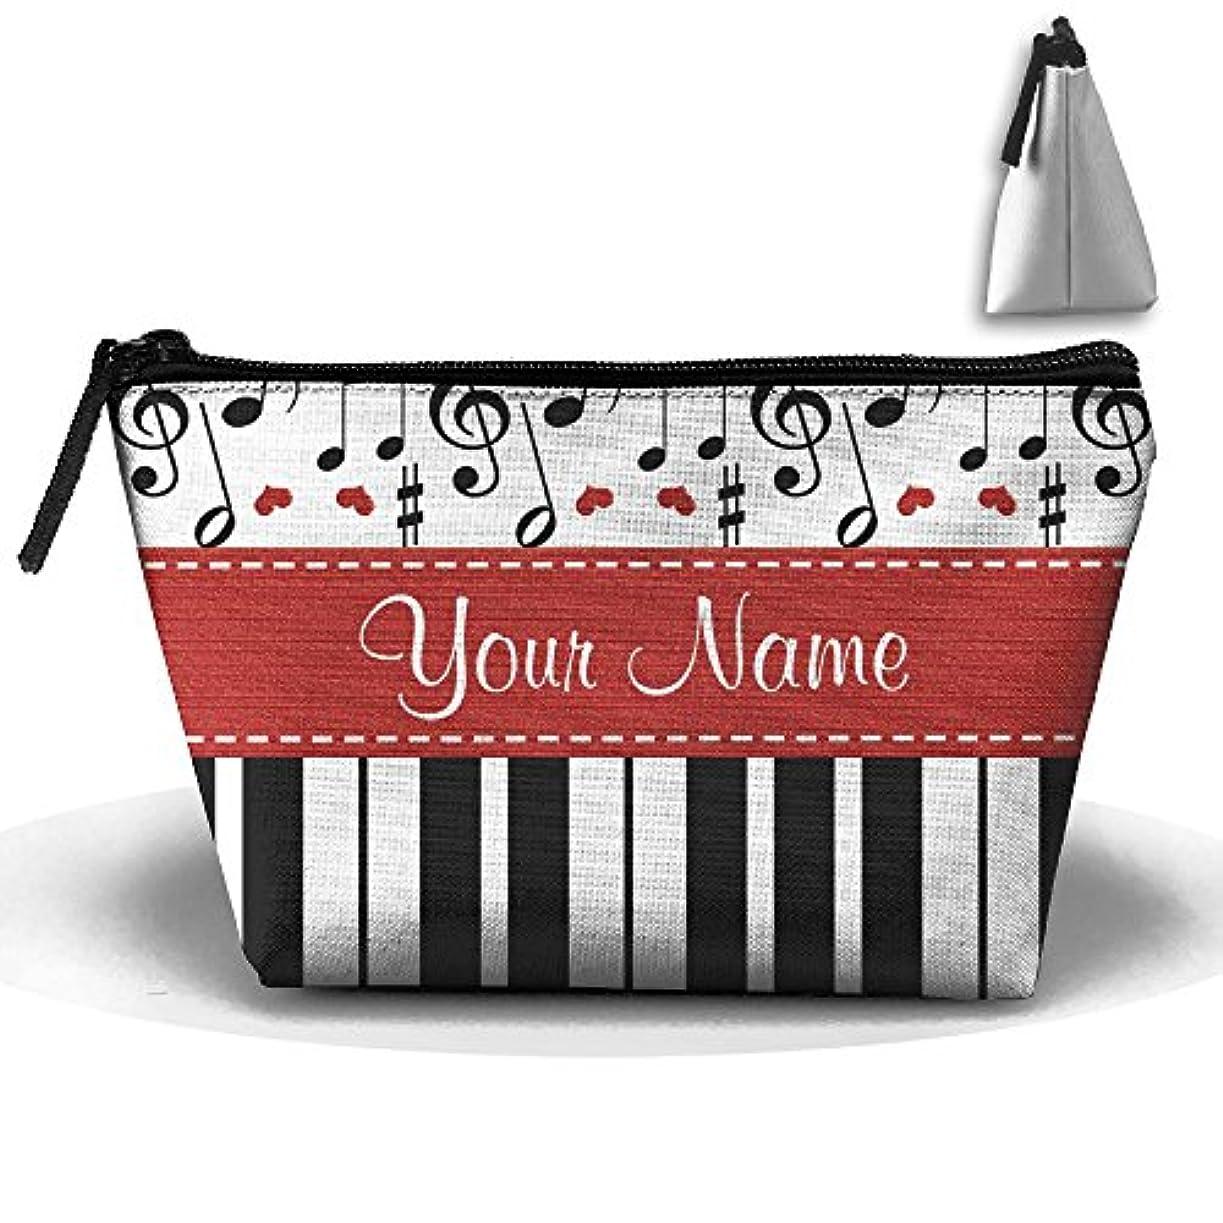 トランザクションサポートフルーティーErmiCO ポーチ 化粧ポーチ メイクポーチ 名前入りな音楽ノートのピアノ 台形ポーチ 小物入れ マチ幅広め ポーチ 携帯 収納 アクセサリー入れ レディース